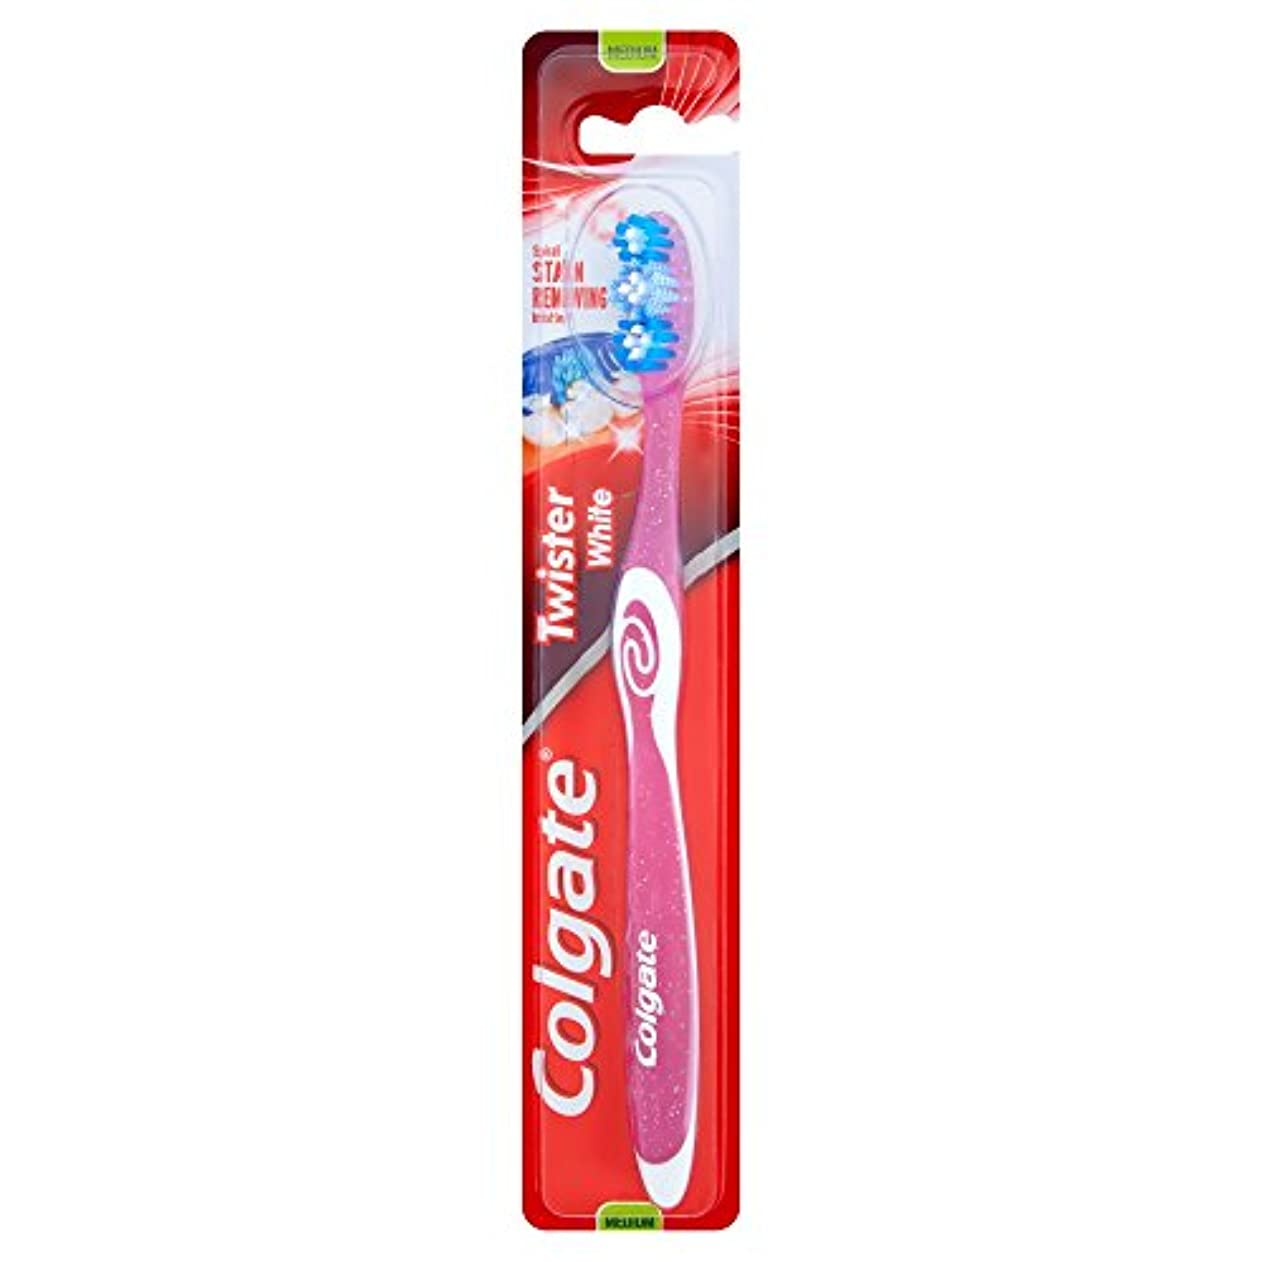 首尾一貫した吸い込むさらに[Colgate ] コルゲートツイスター白い手用歯ブラシ - Colgate Twister White Manual Toothbrush [並行輸入品]